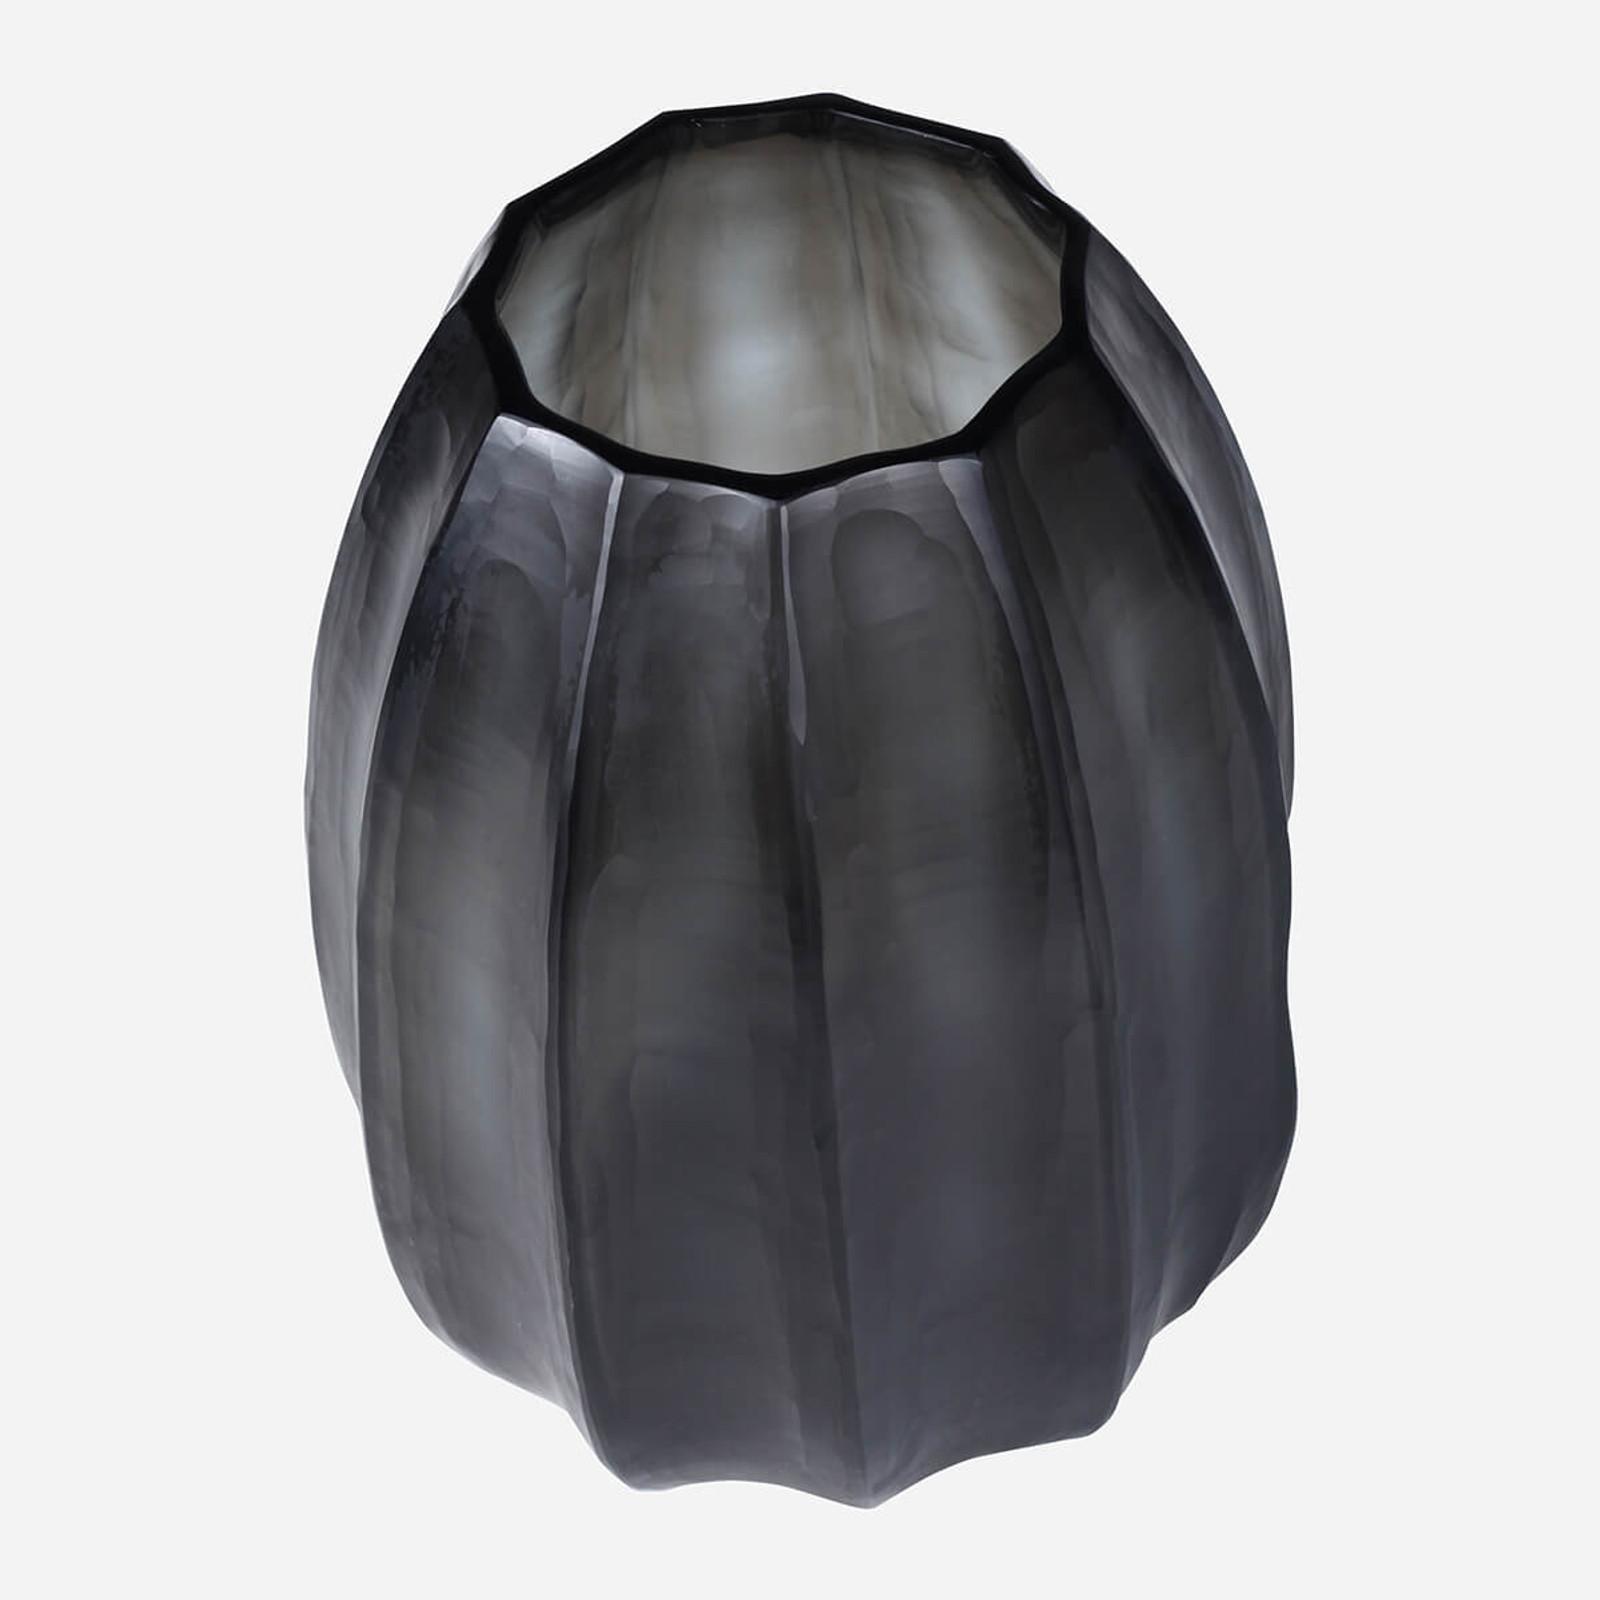 Loire Medium Vase, Indigo